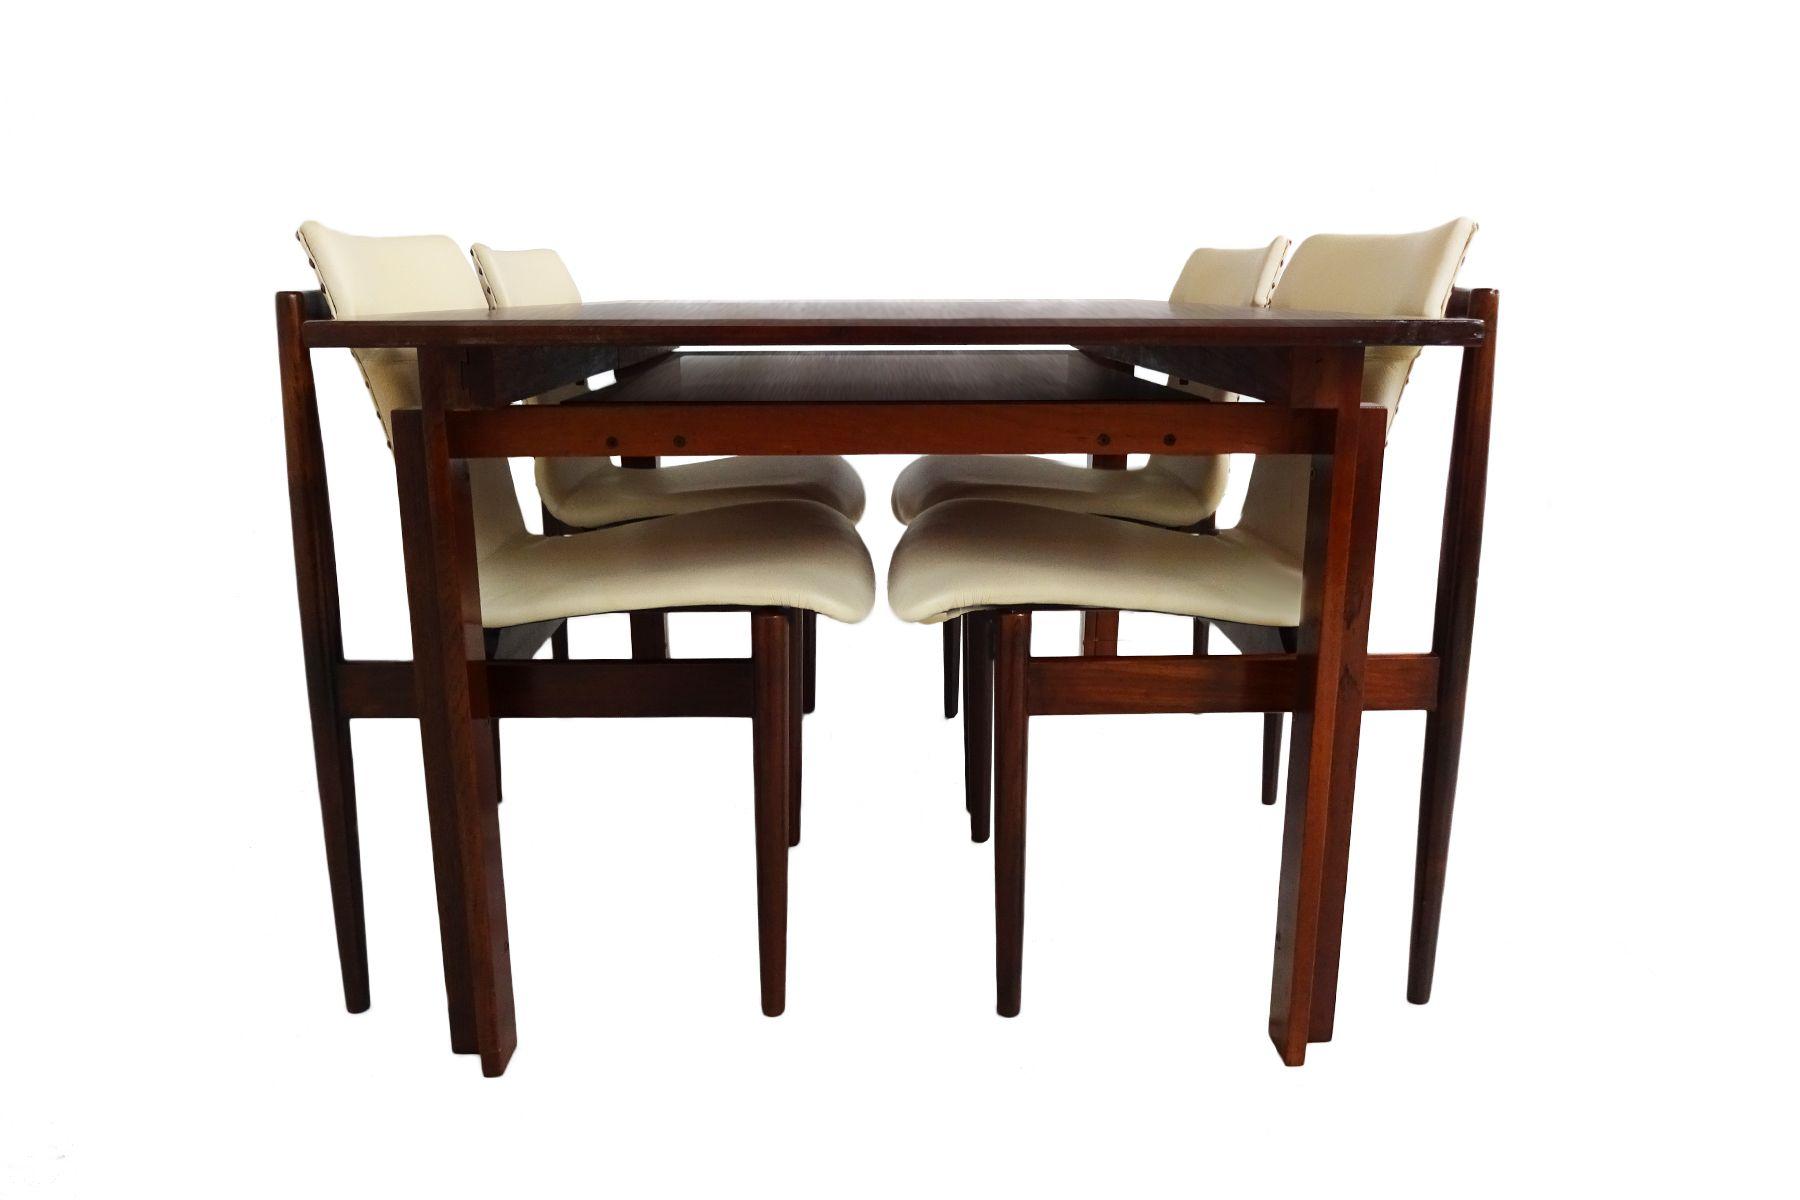 teak leder esszimmer set von inger klingenberg f r france s n france daverkosen 1960er. Black Bedroom Furniture Sets. Home Design Ideas